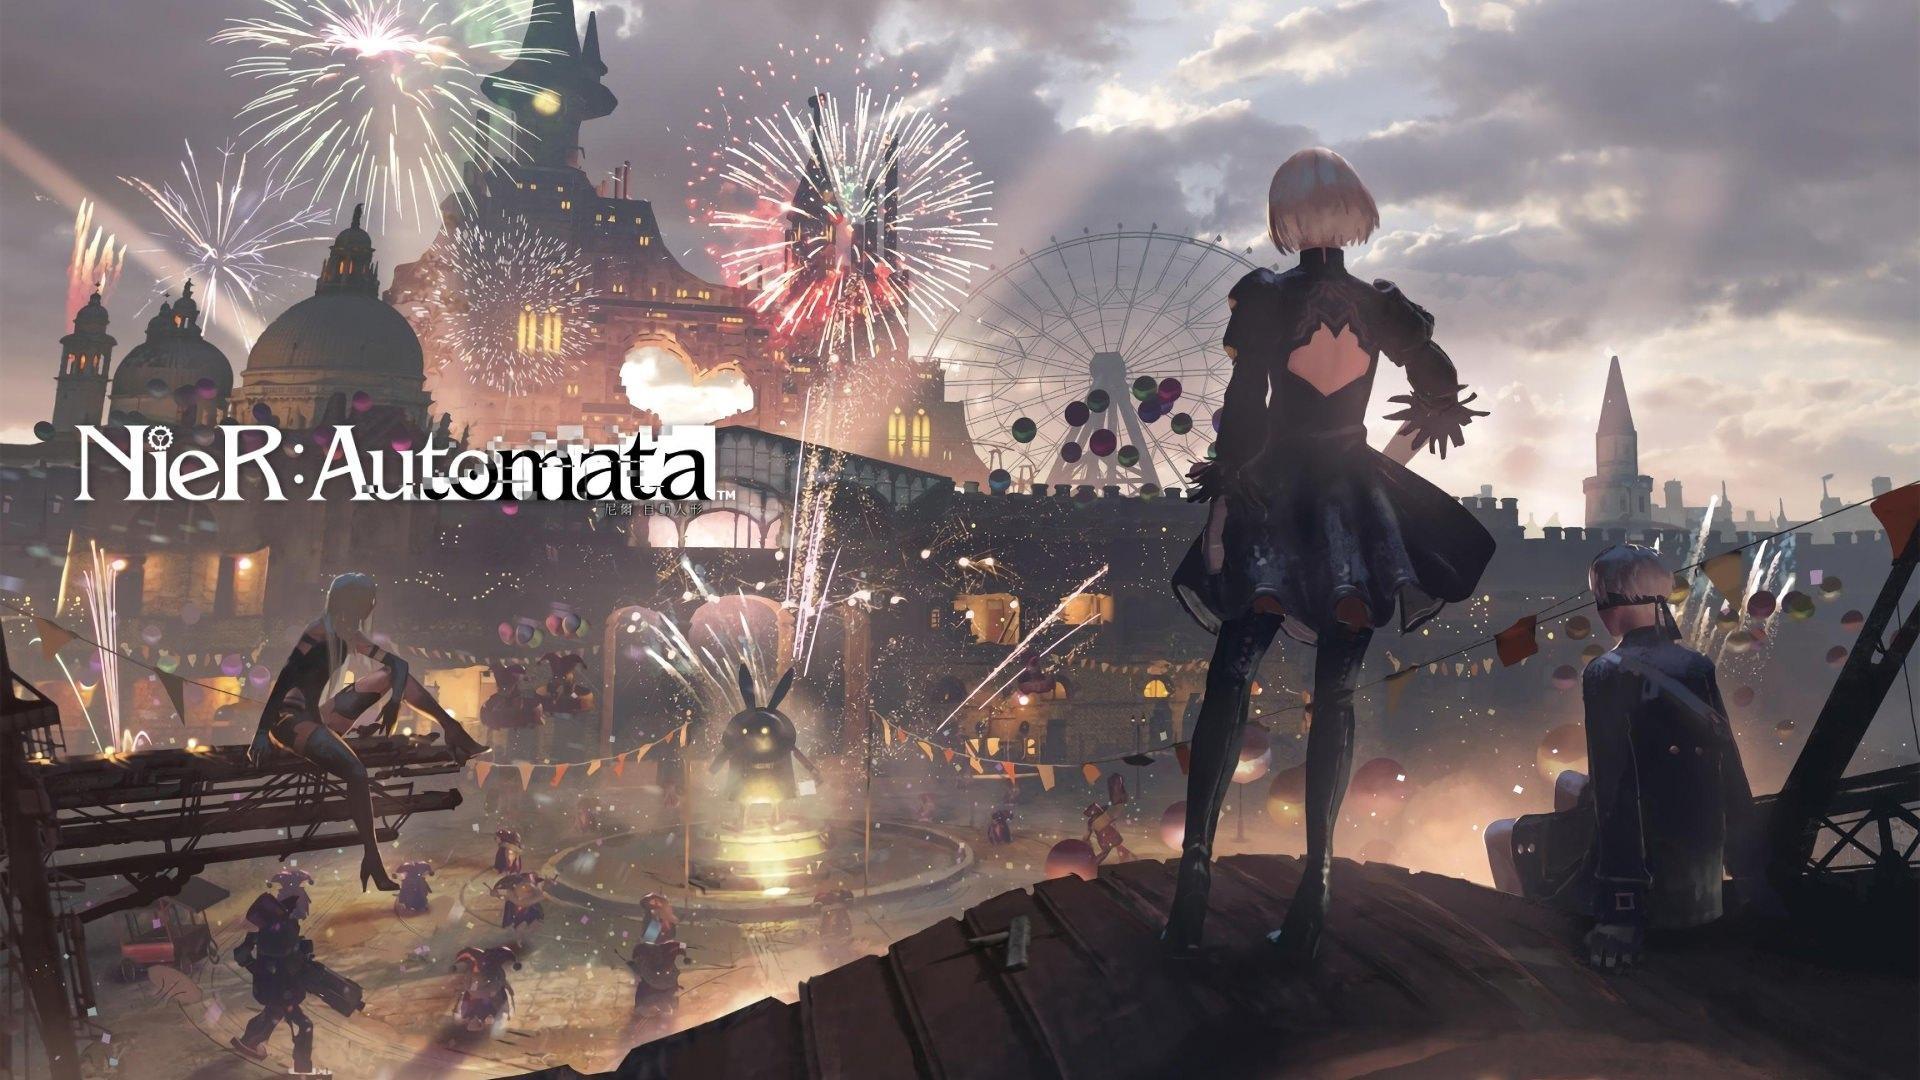 Nier Automata best background